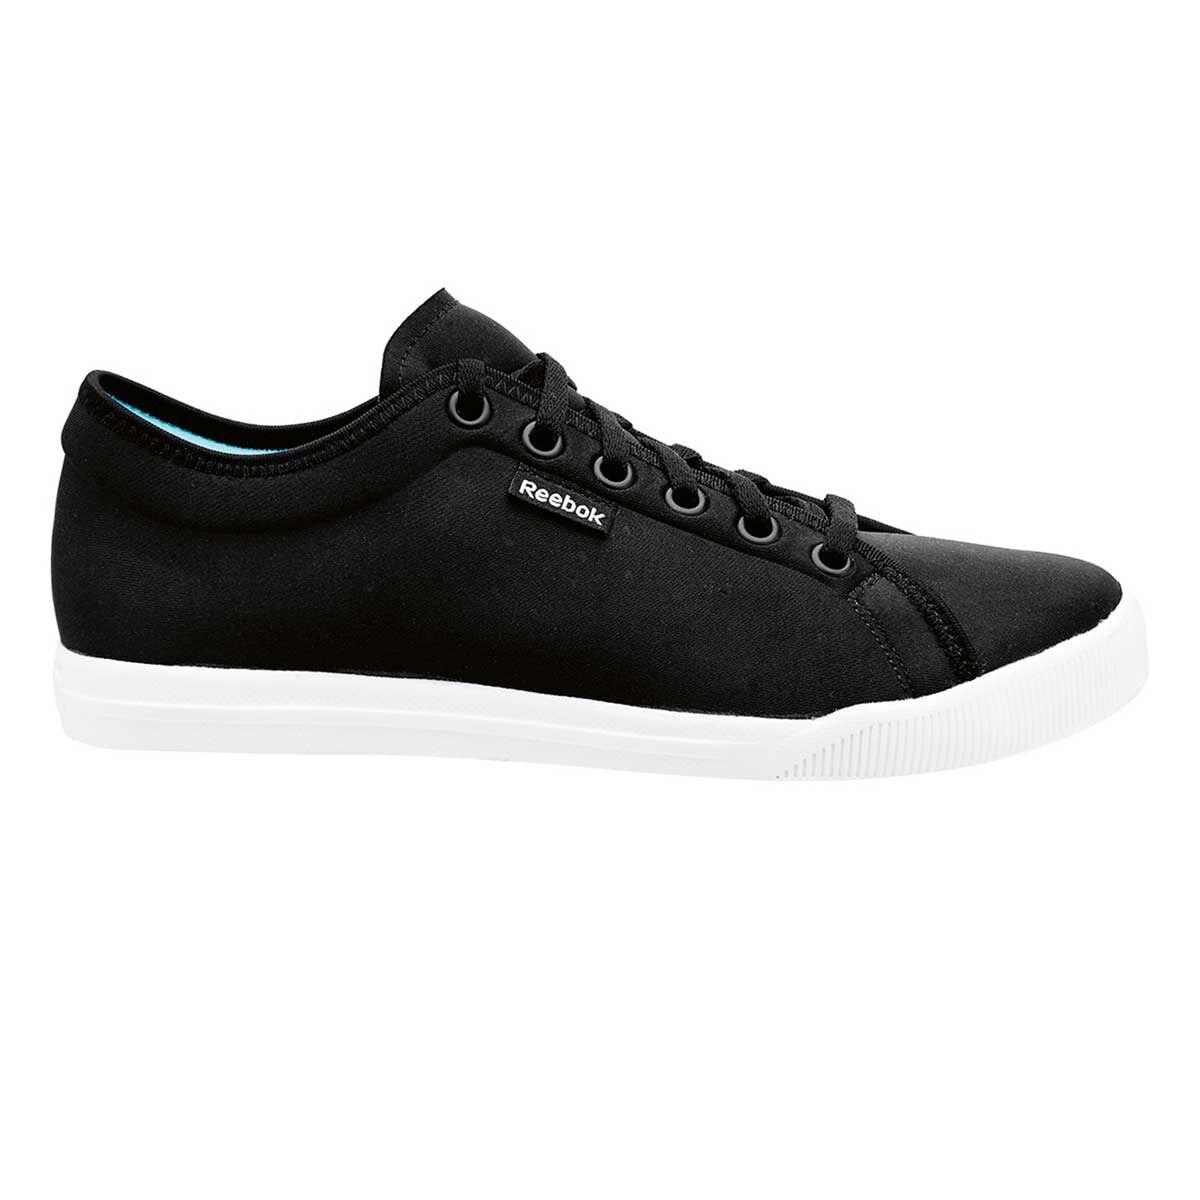 Mean reebok casual shoe girls black